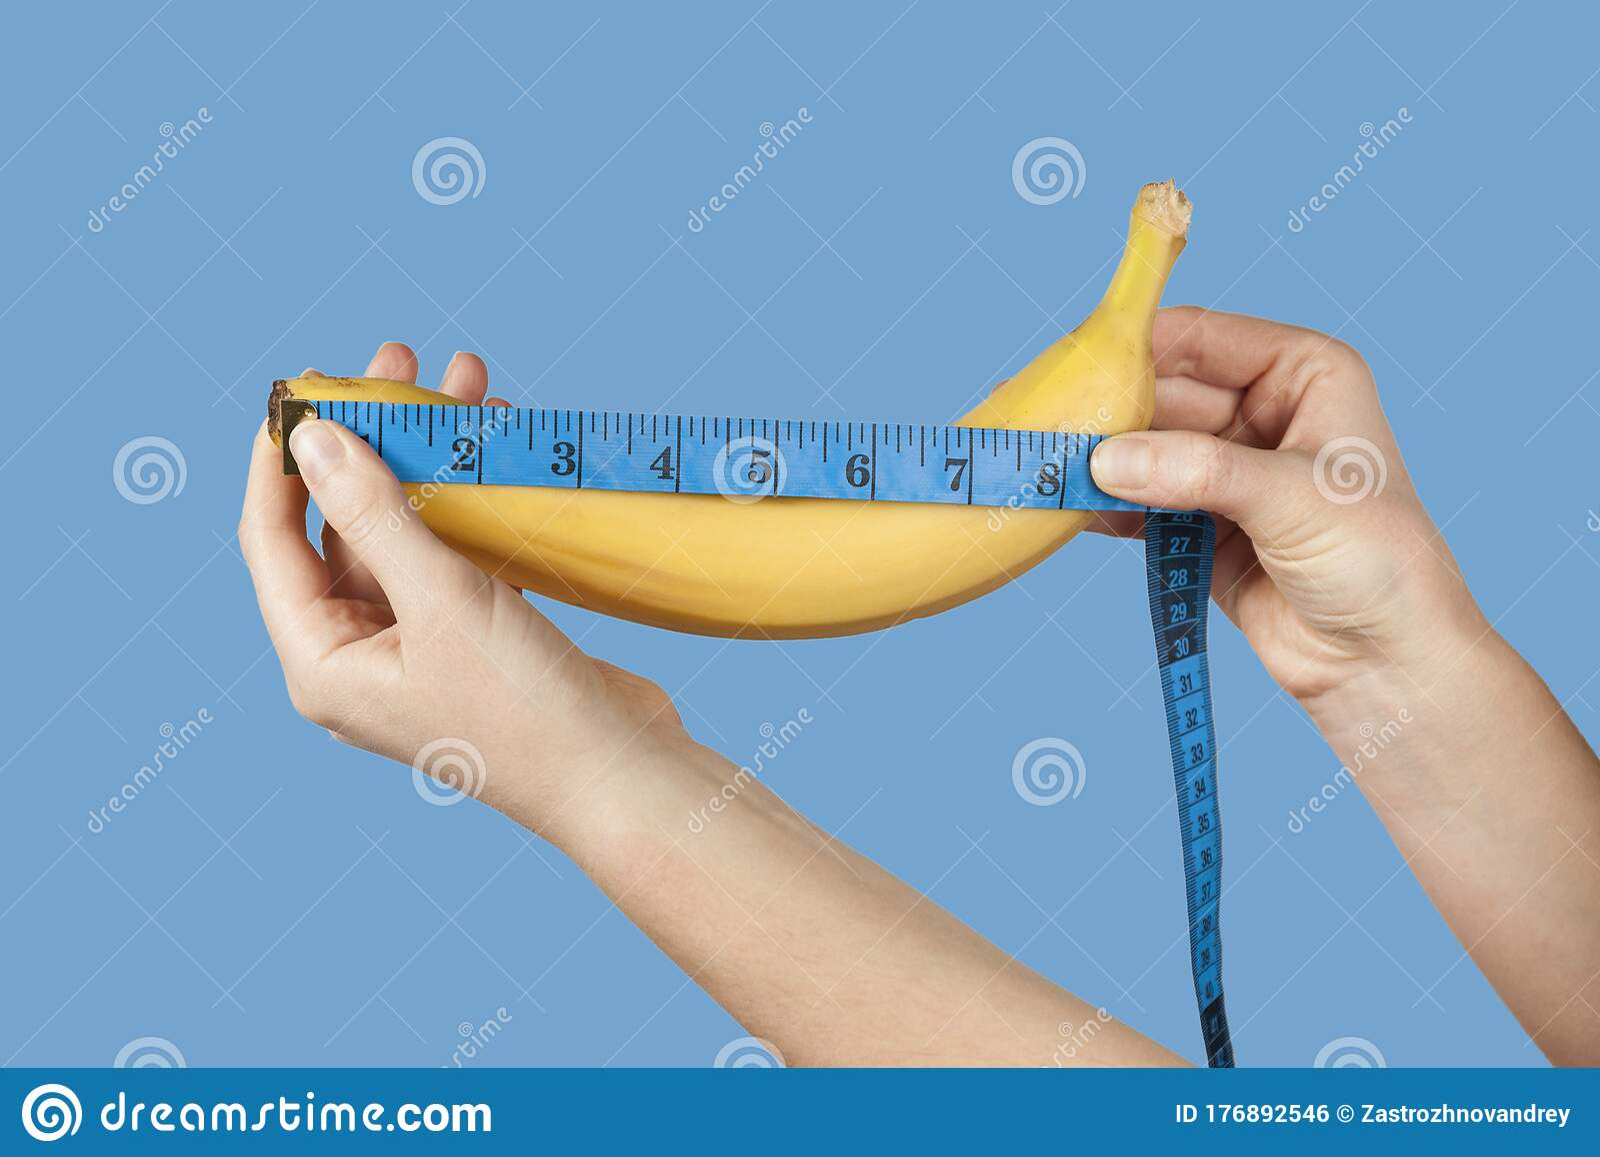 Wie penis messen